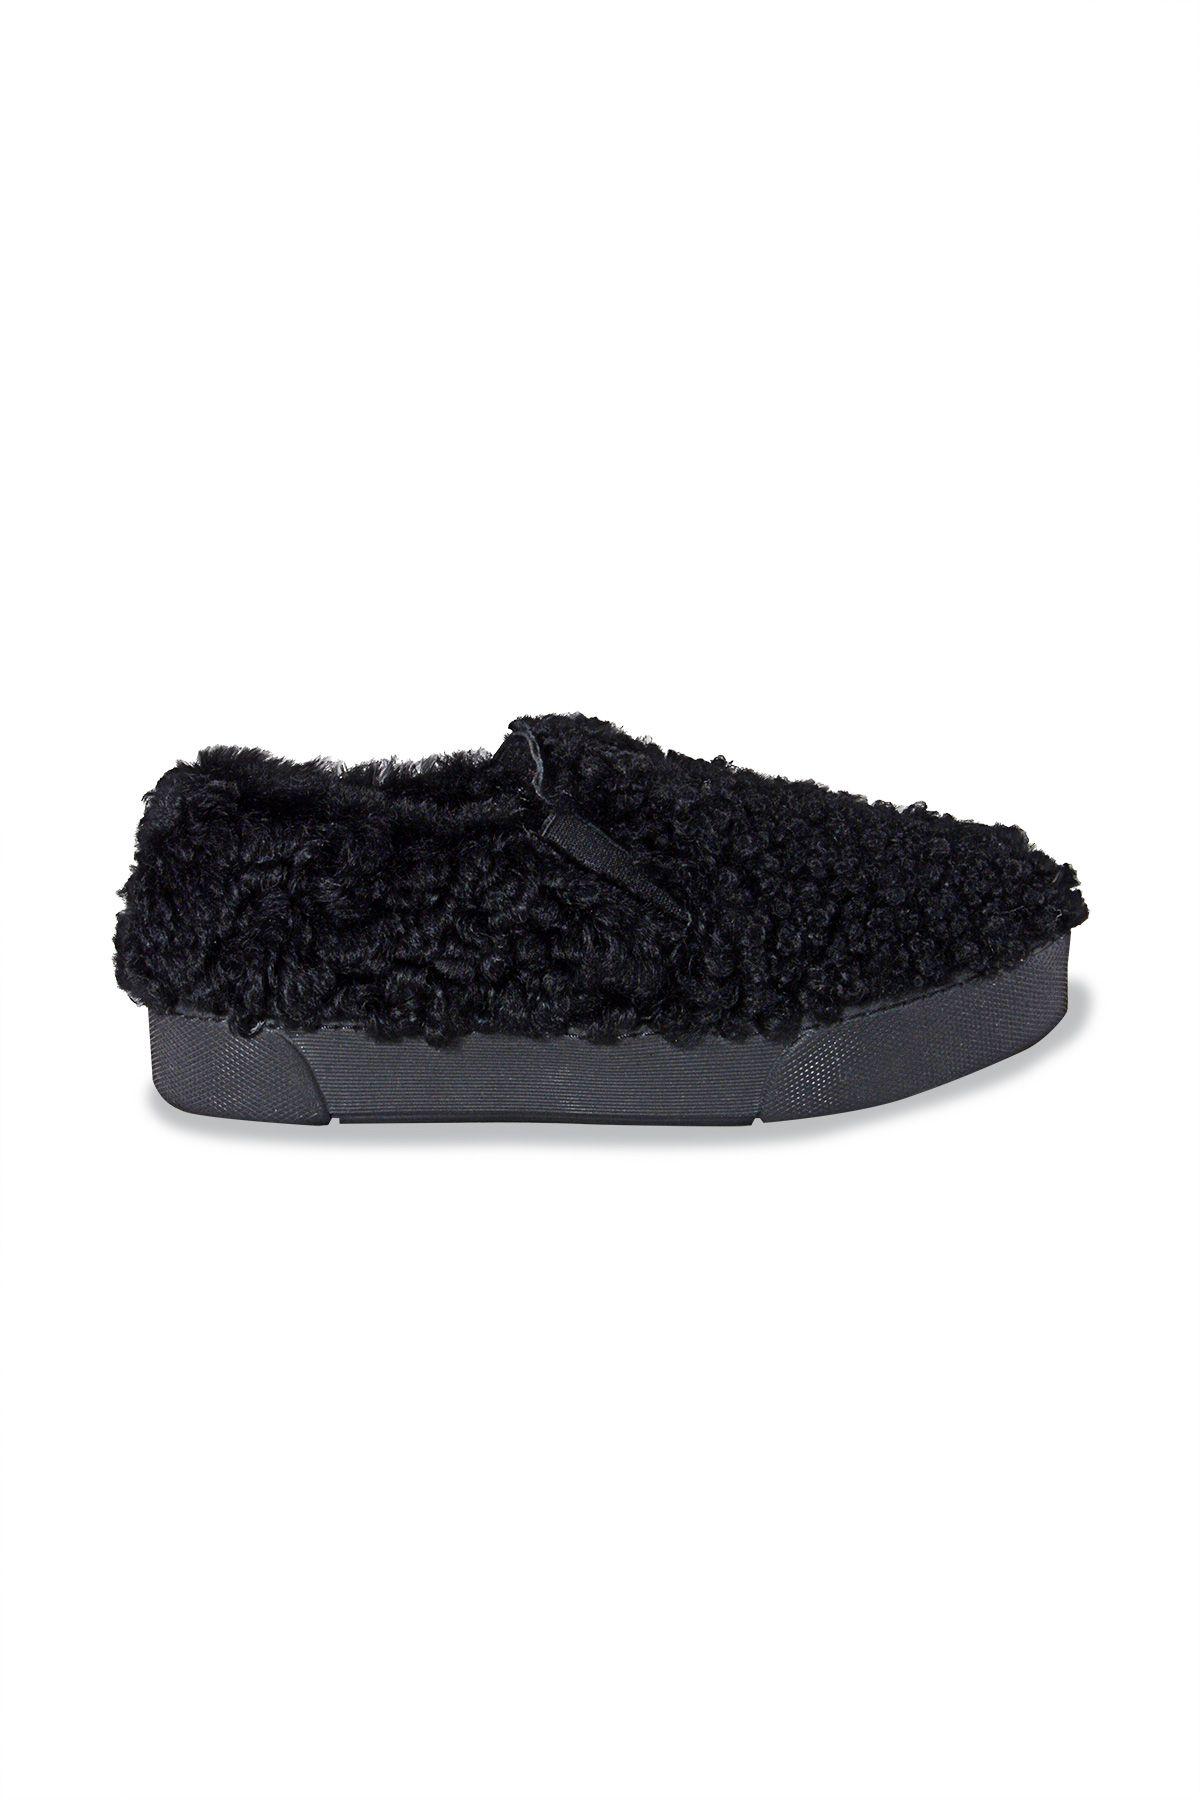 Pegia Hakiki Kürklü Bayan Sneaker 659524 Siyah